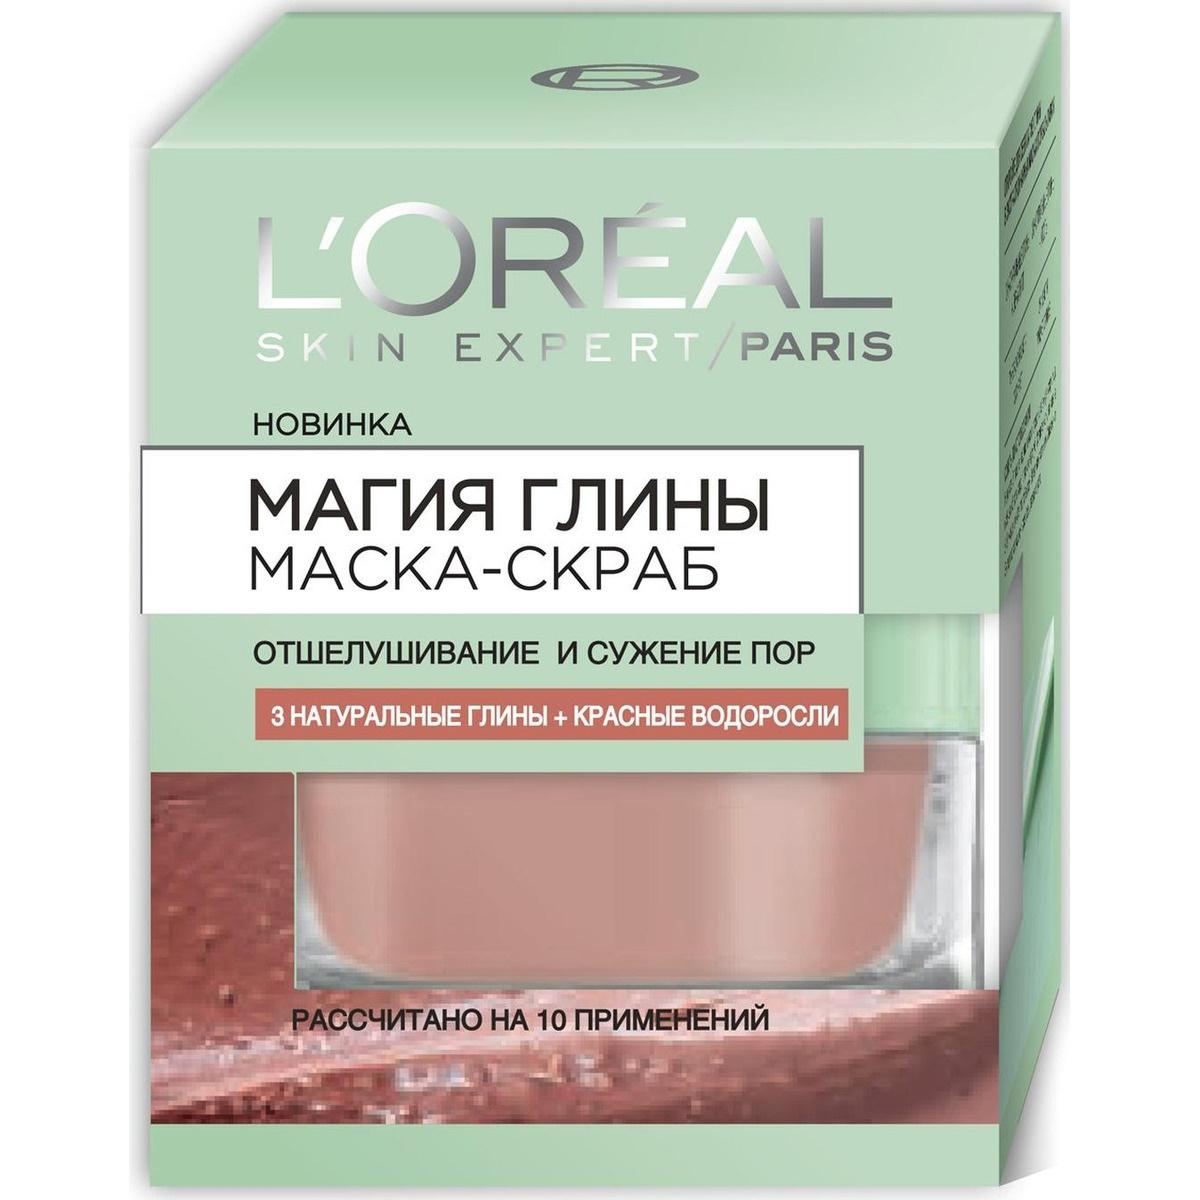 """L'Oreal Paris Маска-скраб для лица """"Магия Глины"""" отшелушивание и сужение пор, для всех типов кожи, 50 #1"""